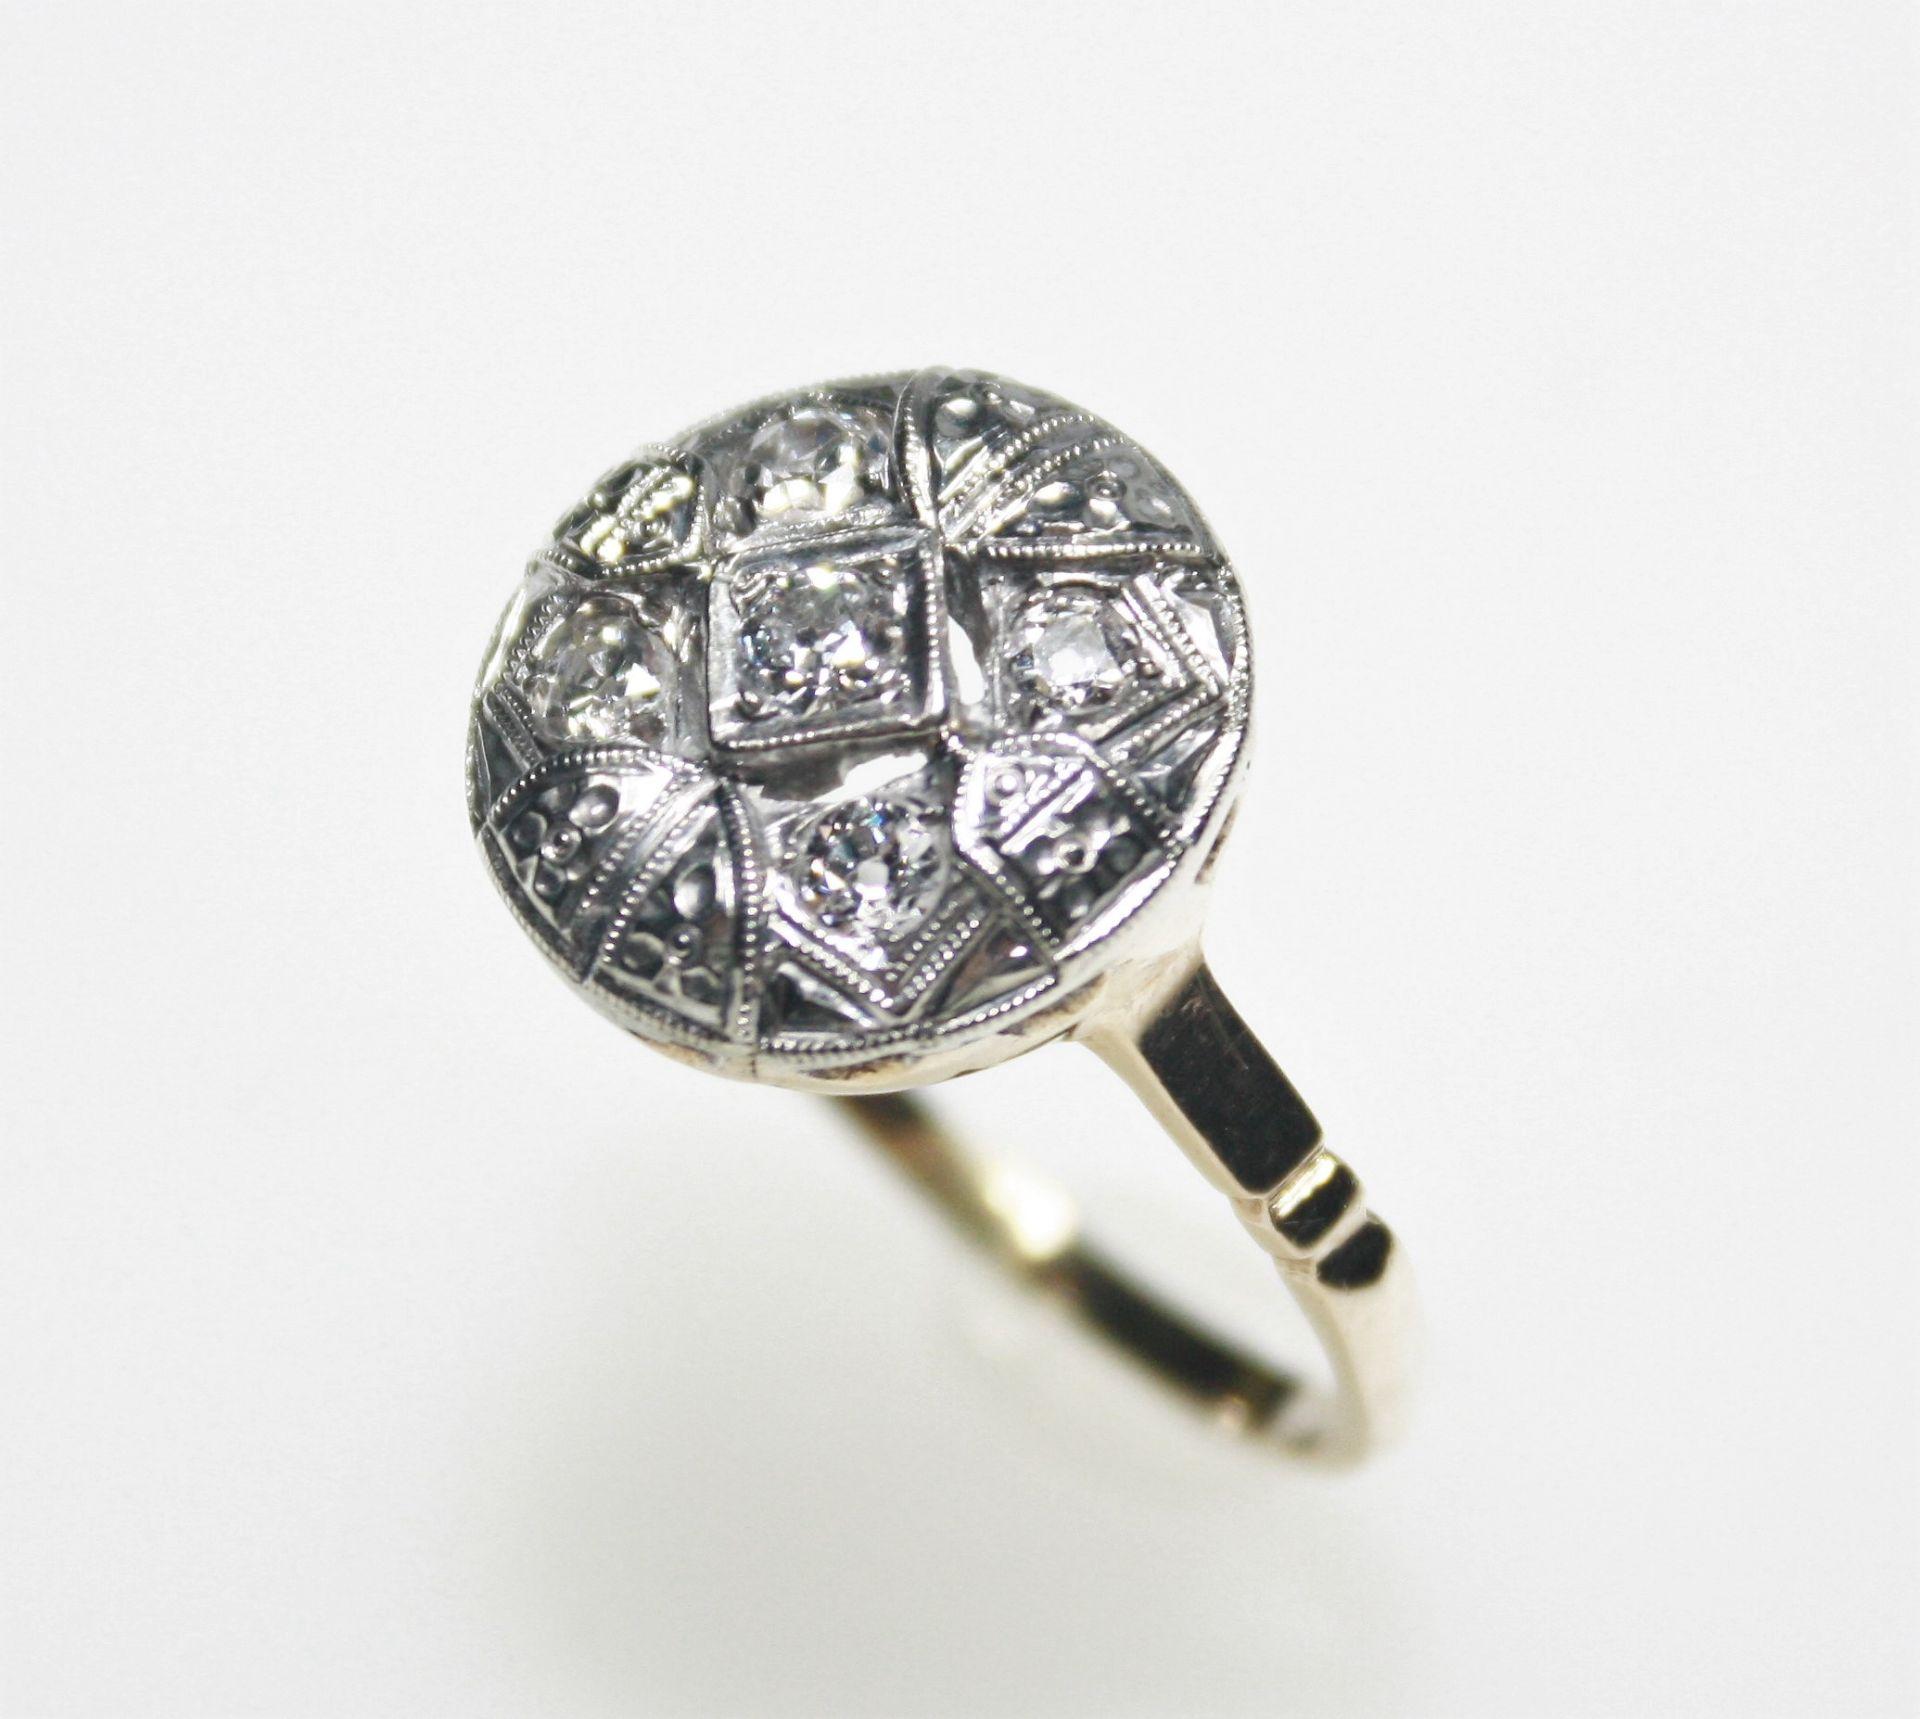 Älterer, goldener Ring mit weißer Aufsicht 14 K gest., Art Deco, runder Ringkopf mit fünf